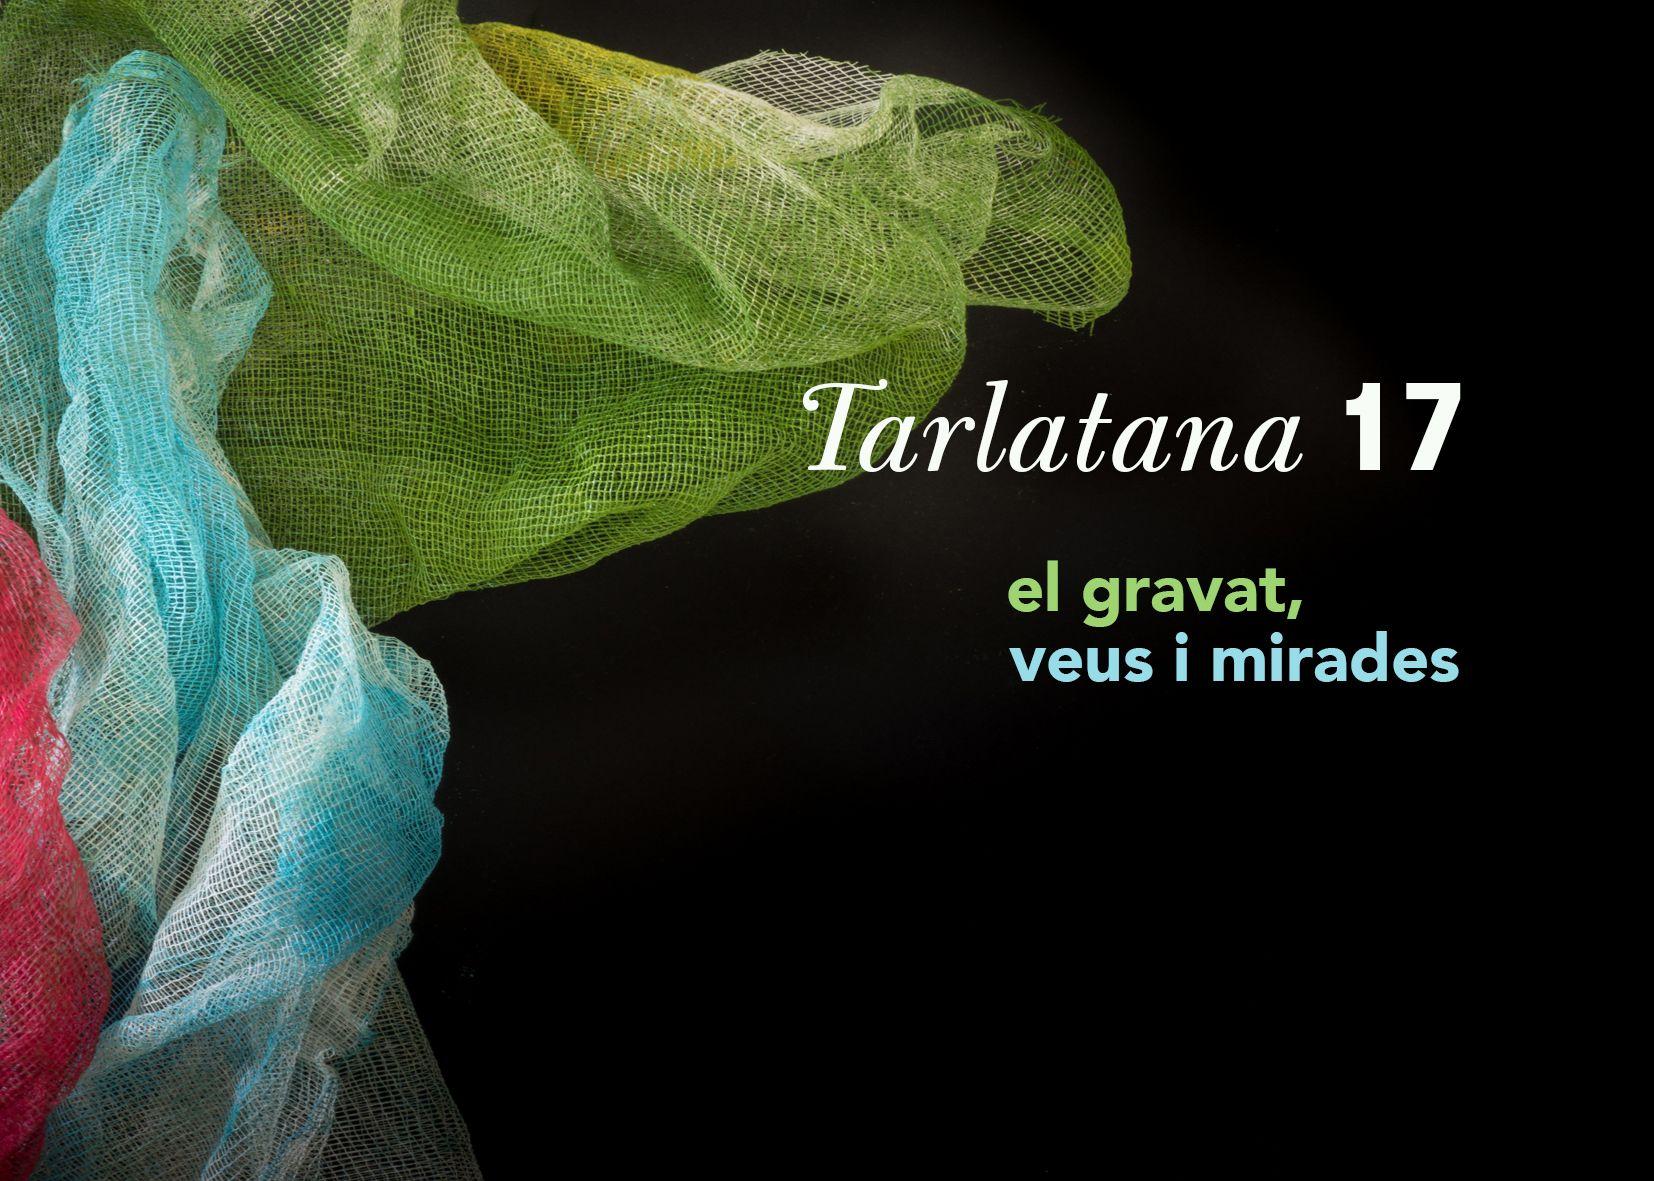 EL GRAVAT: VEUS I MIRADES